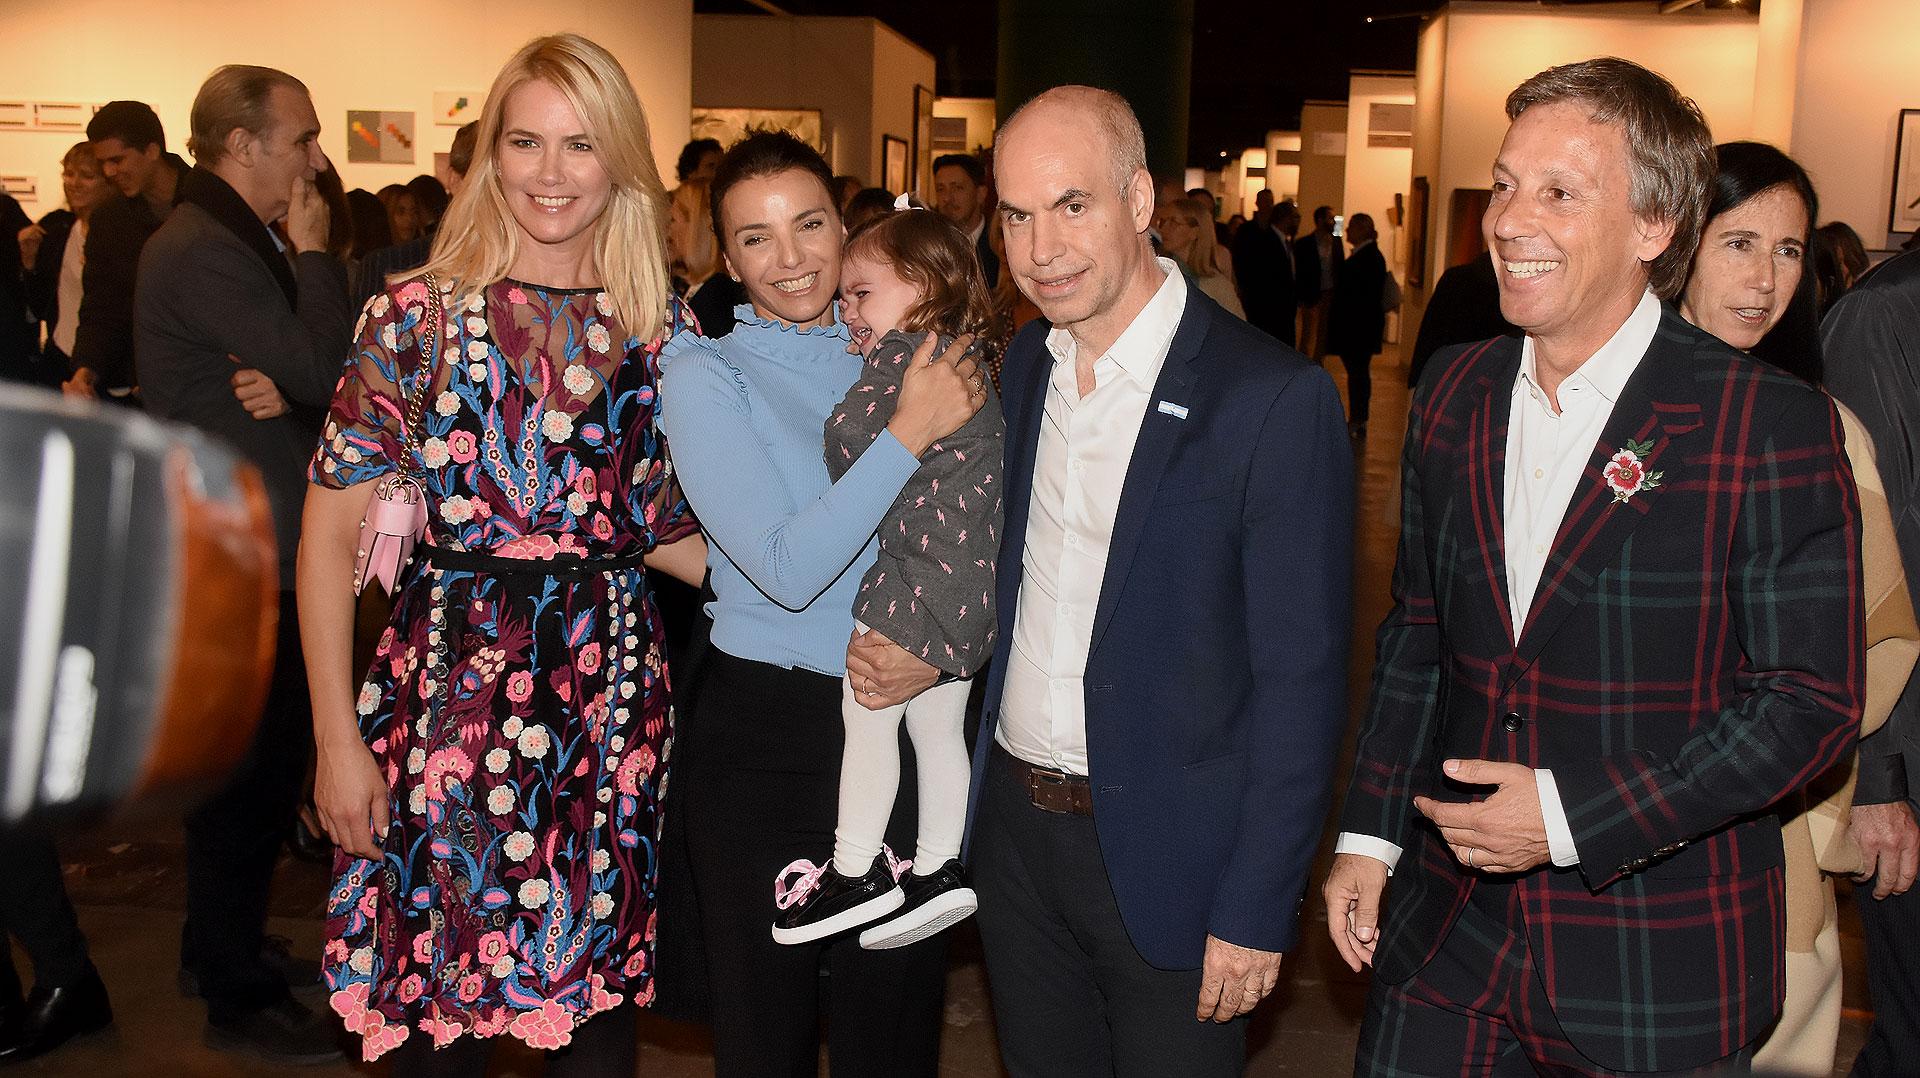 Valeria Mazza y Alejandro Gravier junto a Bárbara Diez, Horacio Rodríguez Larreta y su hija Serena